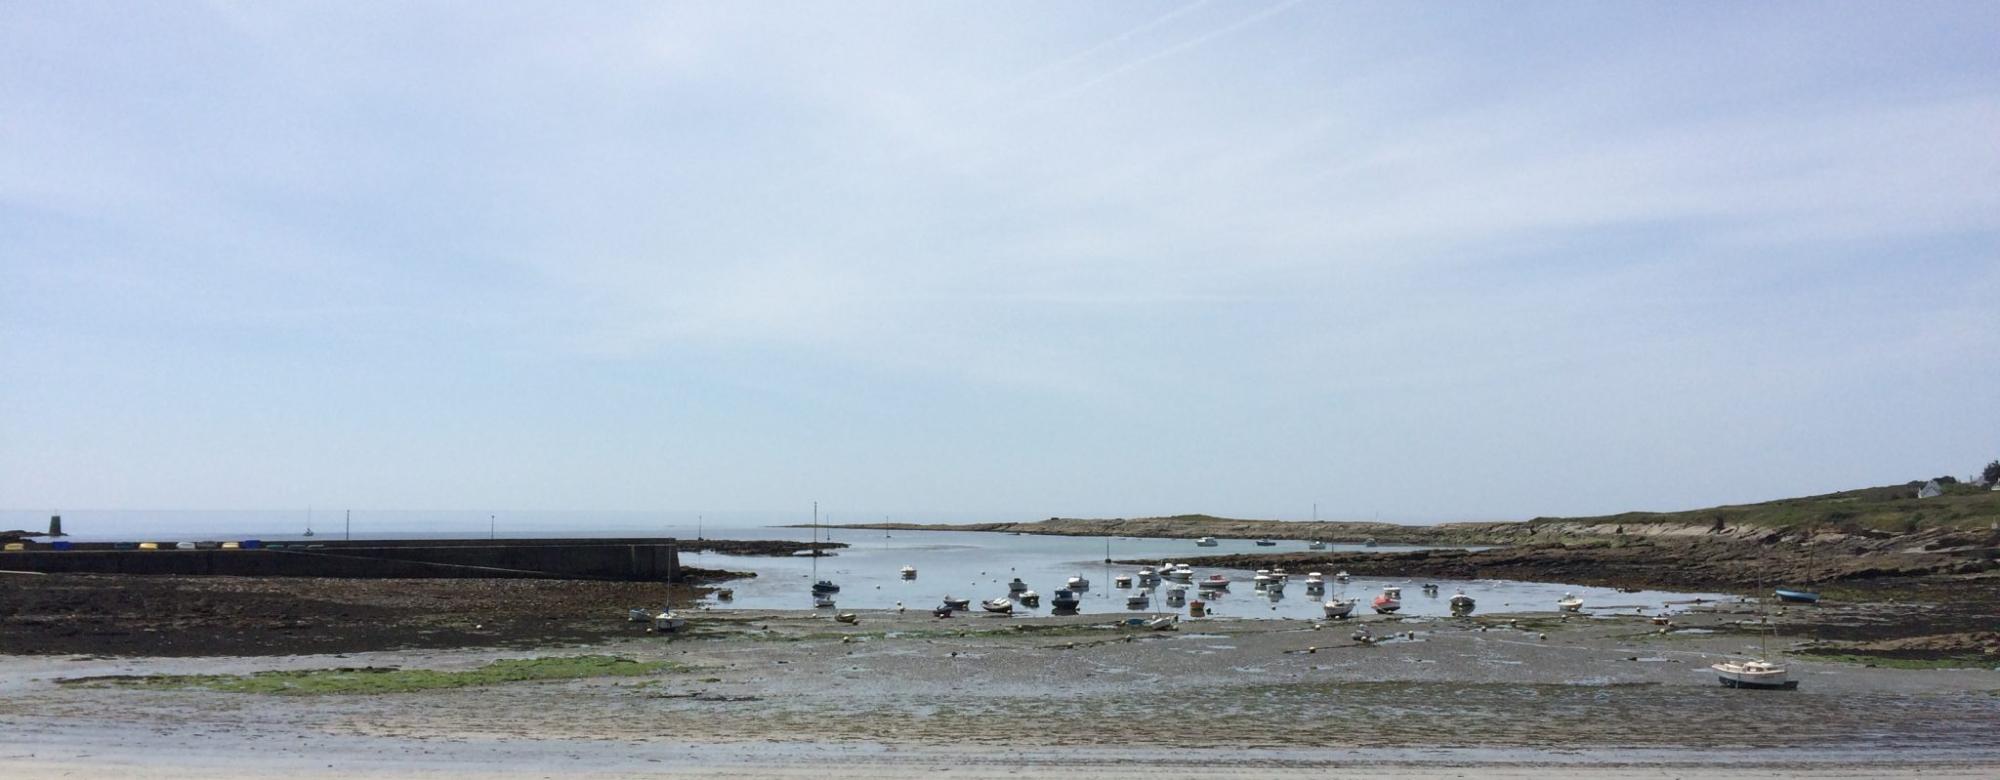 Plage de Locmaria à Groix à marée basse.